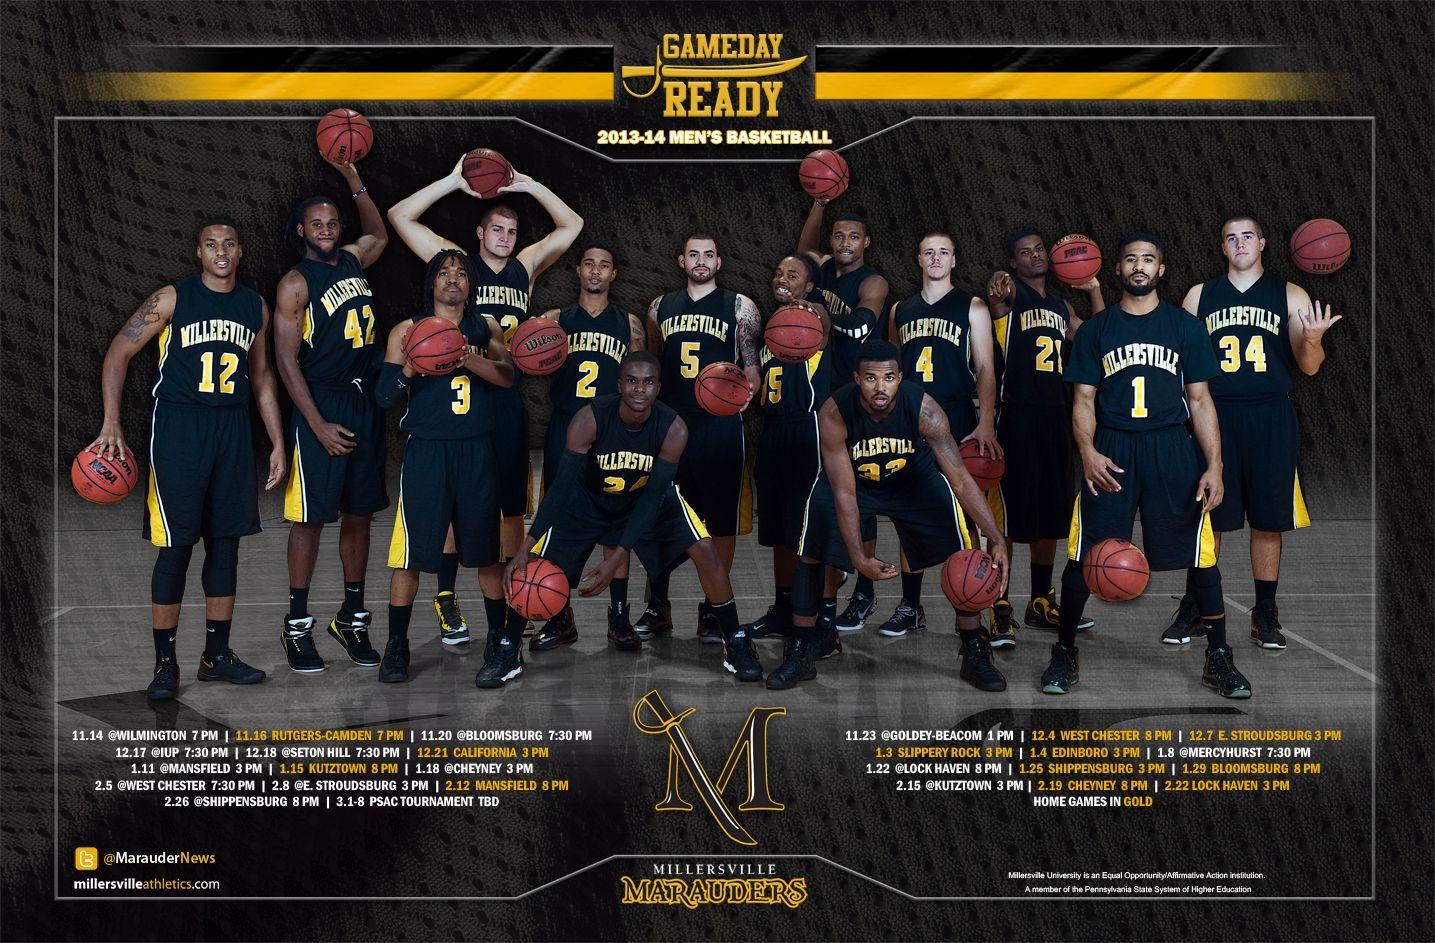 Millersville men's basketball 201314 team schedule poster